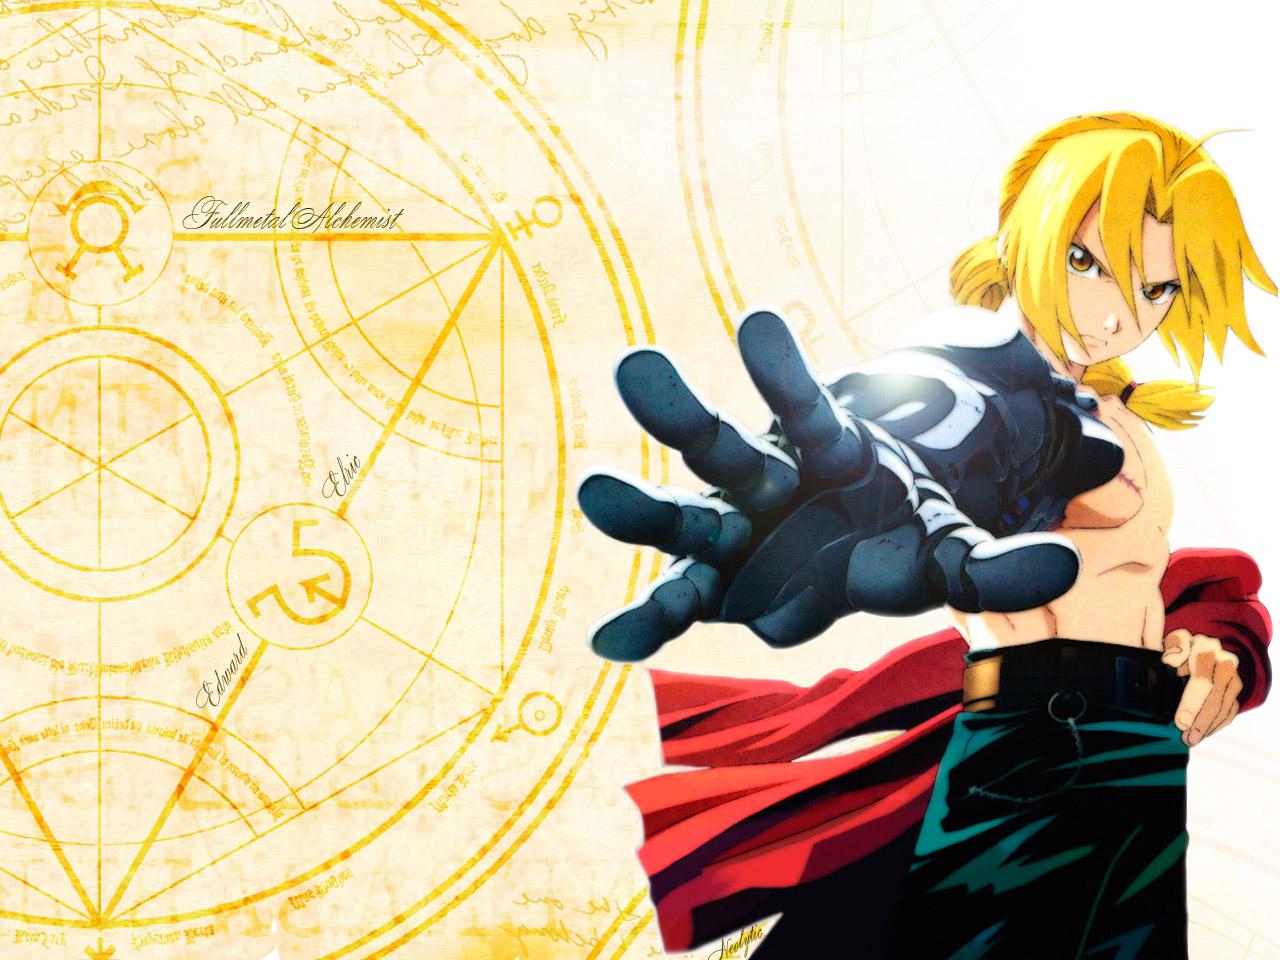 Fullmetal Alchemist Wallpaper 1280x960